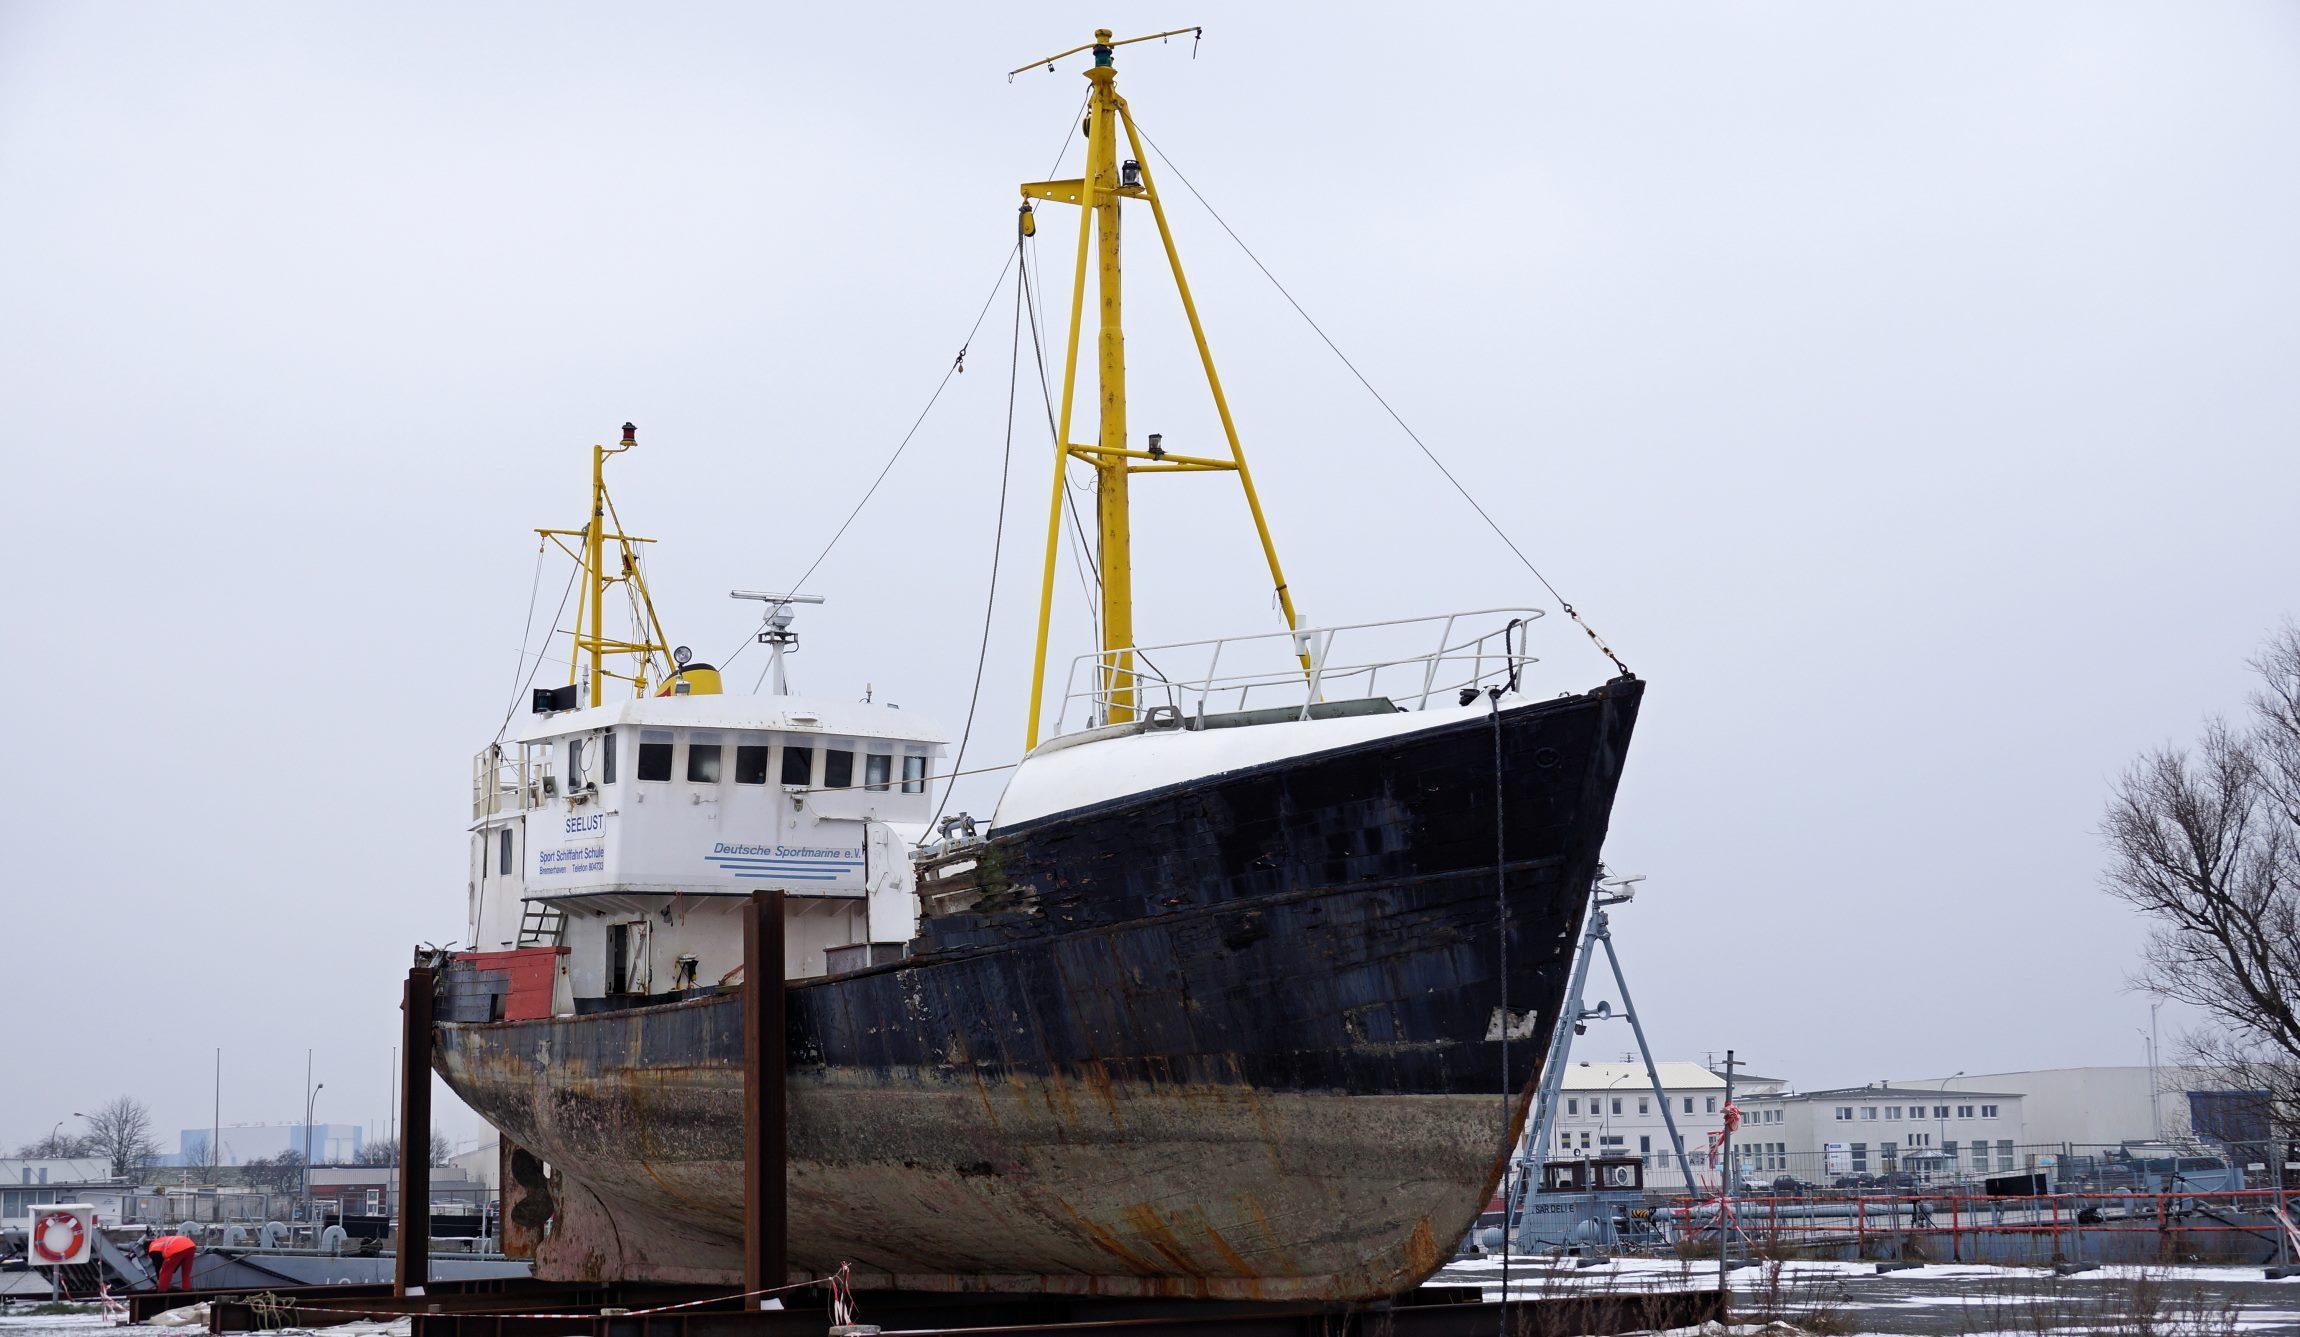 Verantwortlich 1982 Falklandinseln Schiffe Und Fracks Falklandinseln